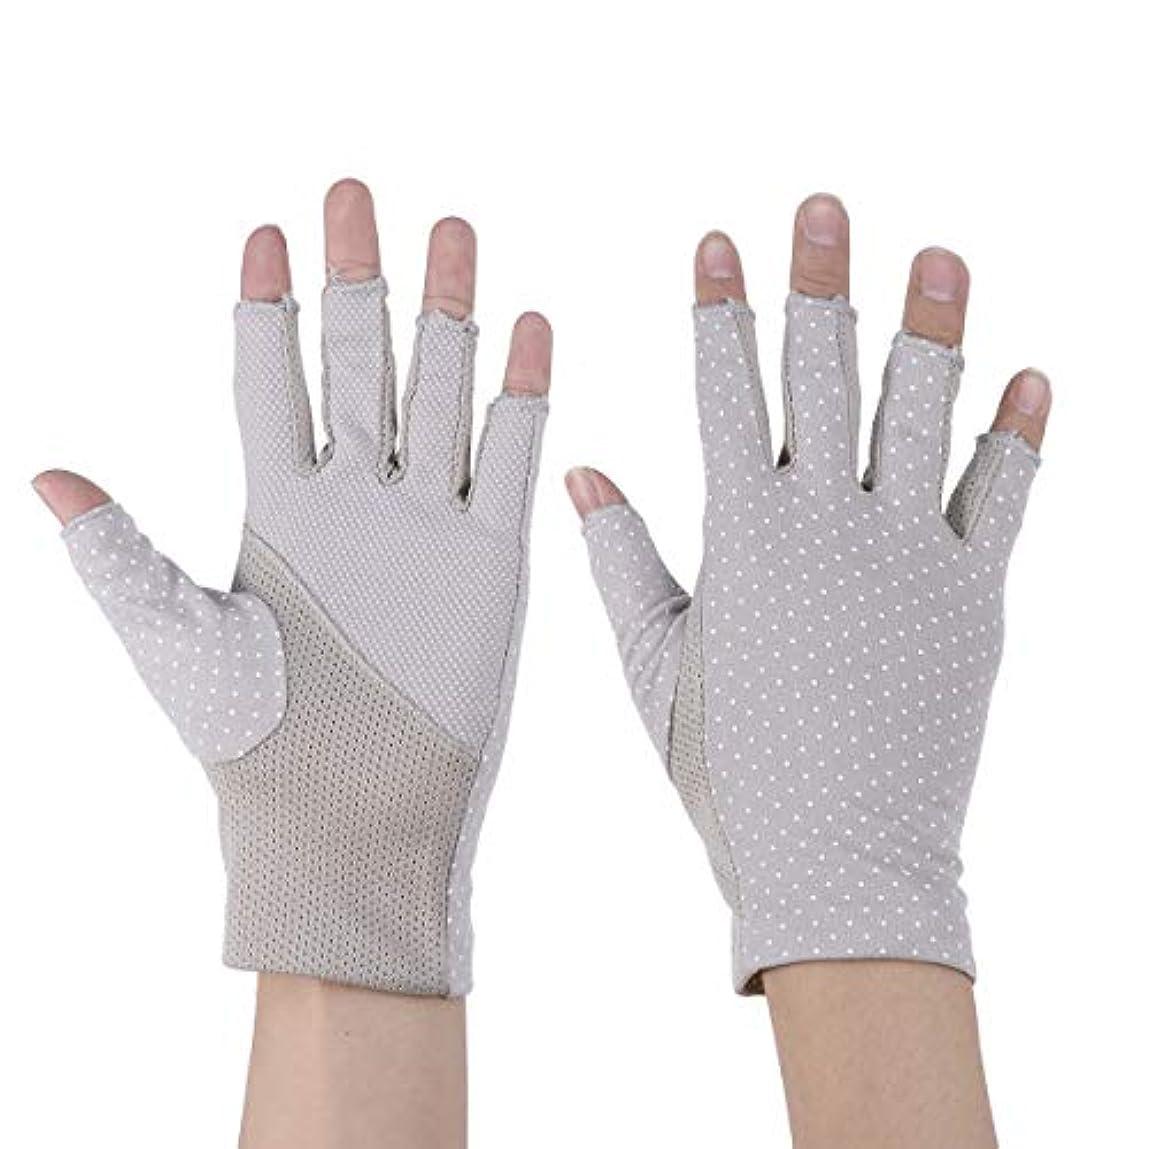 許容できるハロウィンジャベスウィルソンHealifty 1ペア日焼け止め手袋ワークアウトミトンハーフフィンガー紫外線保護手袋用サイクリンググレー